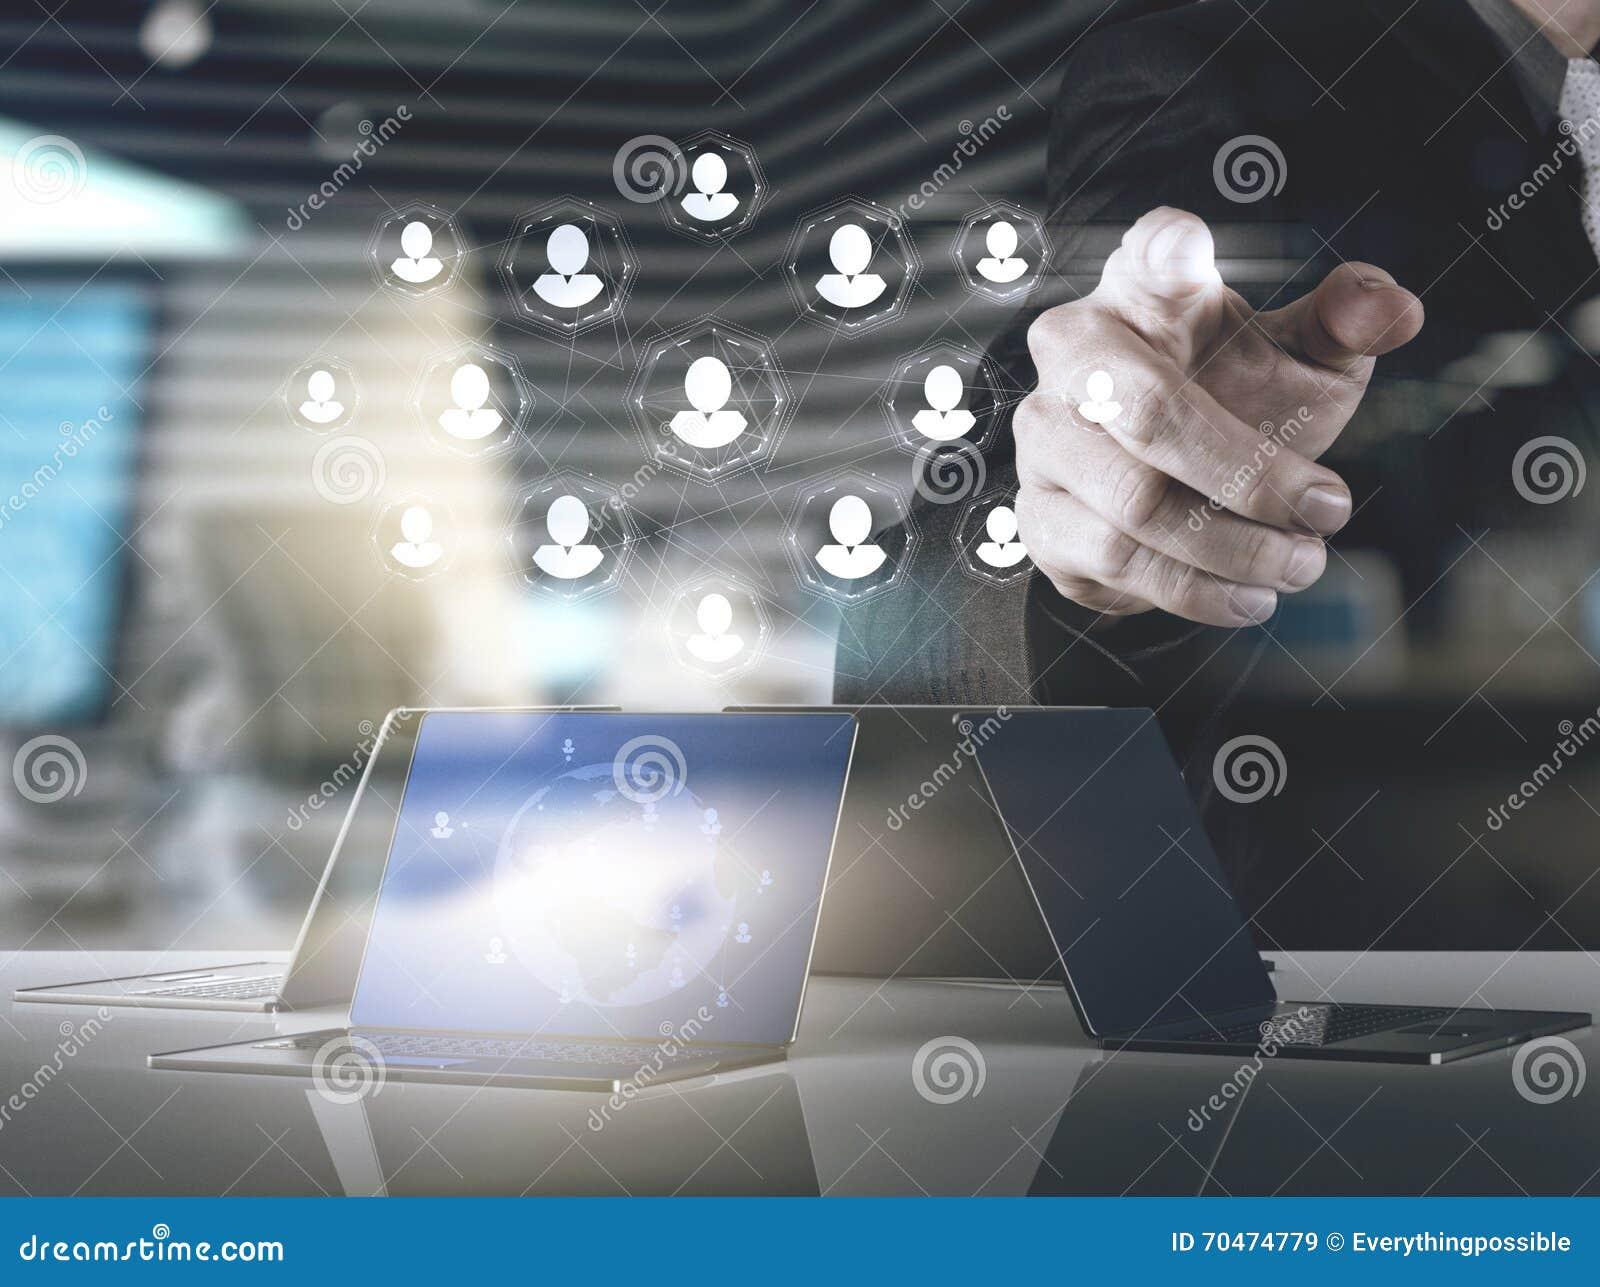 Двойная экспозиция руки бизнесмена указывает человеческие ресурсы, CRM